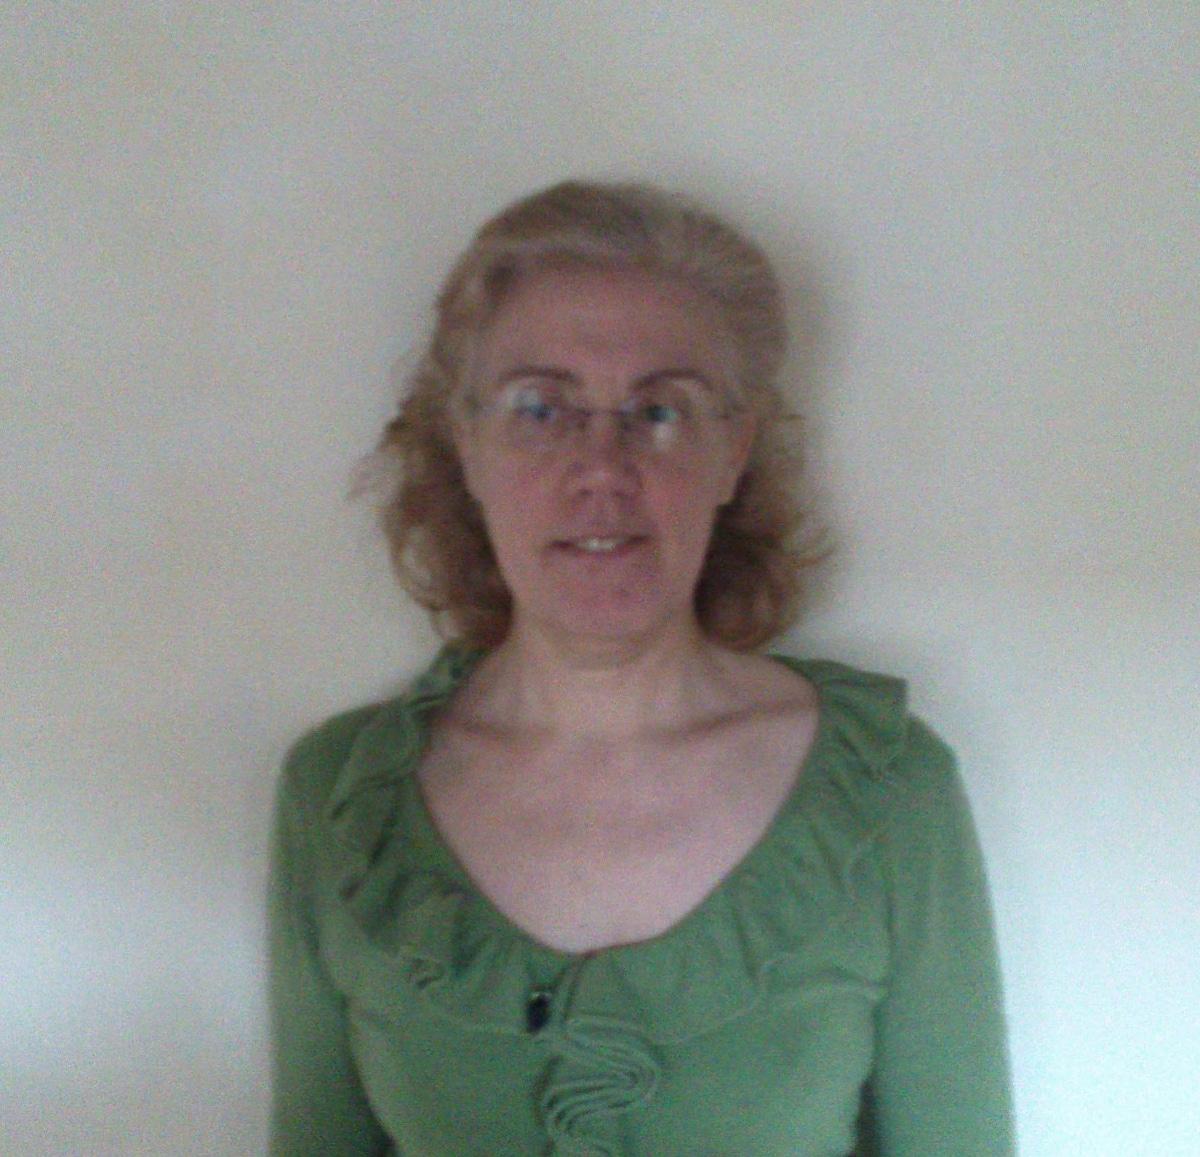 Marleen From Londerzeel, Belgium